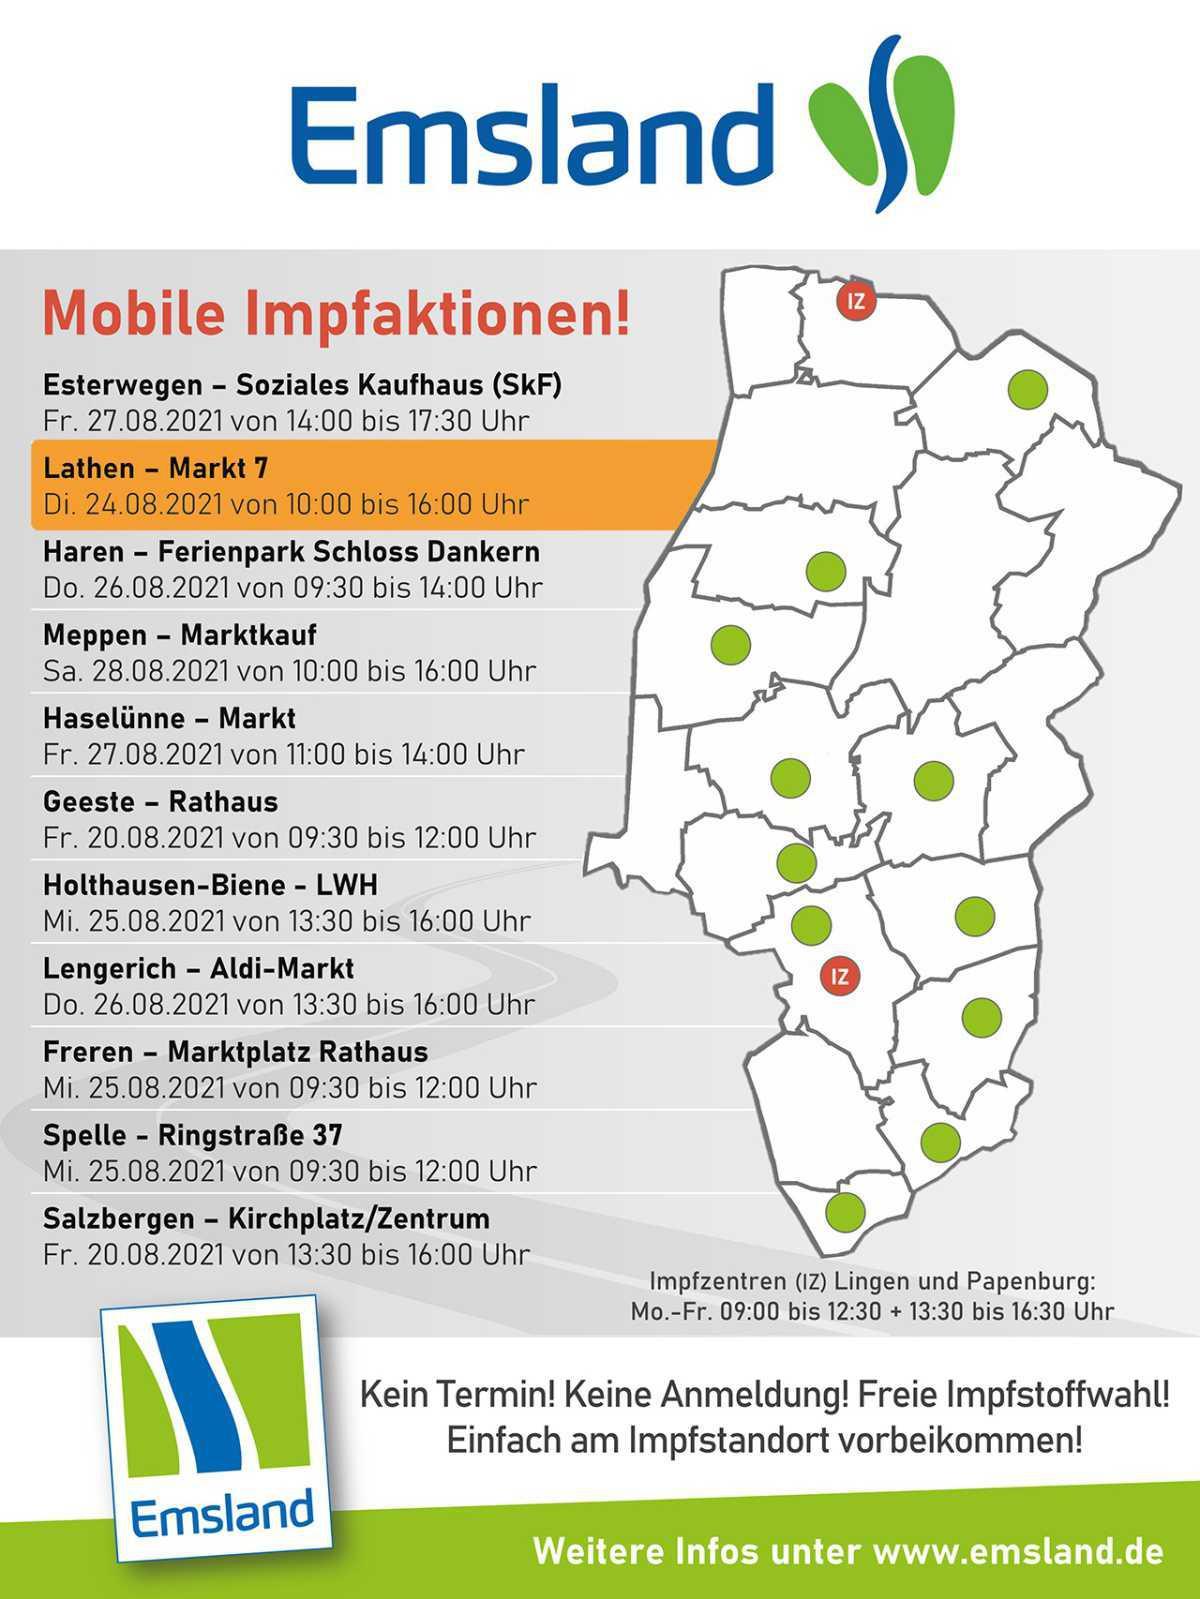 """24.08.2021 - Impfaktion in Lathen ohne Anmeldung von 10 Uhr bis 16 Uhr im """"Markt 7"""""""